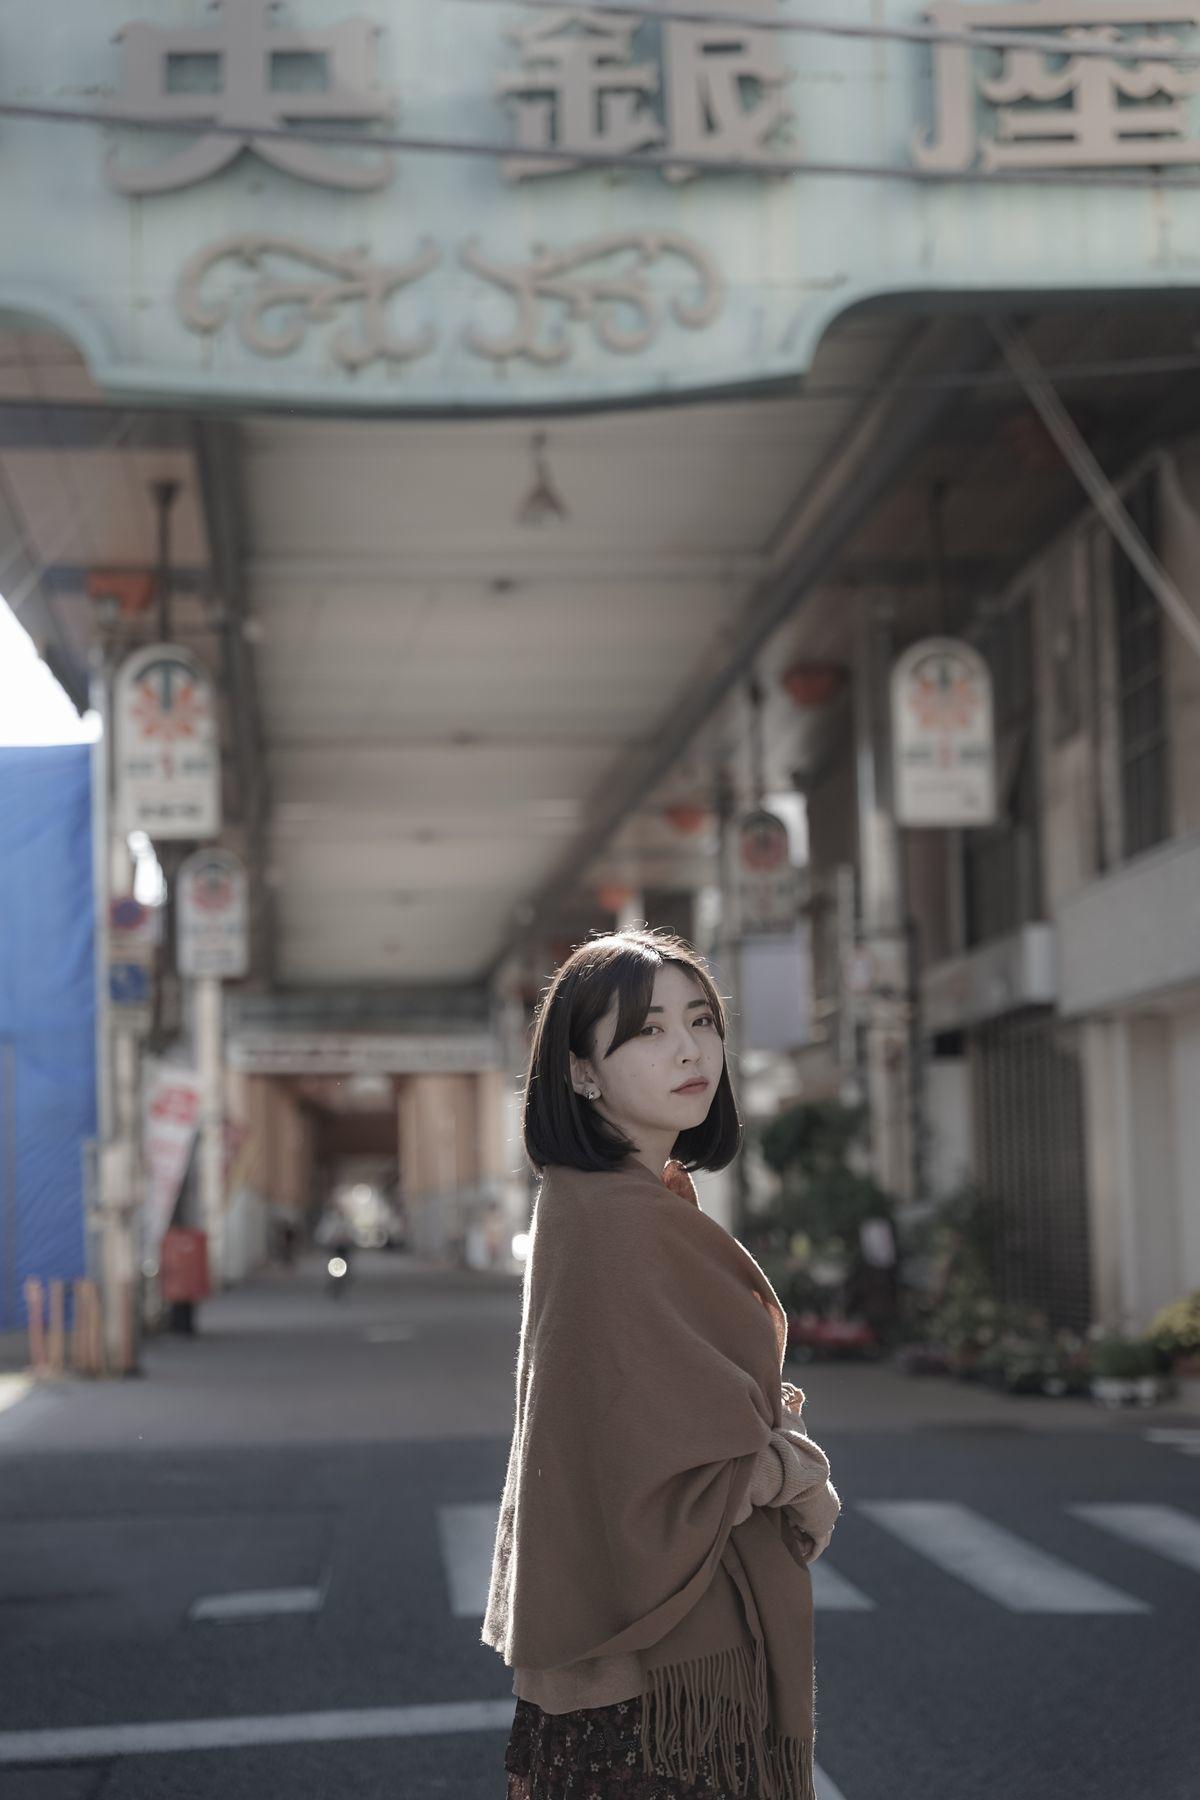 フォトカノン戸越銀座店 写真展「PHOTO2020」_d0231029_19395574.jpg